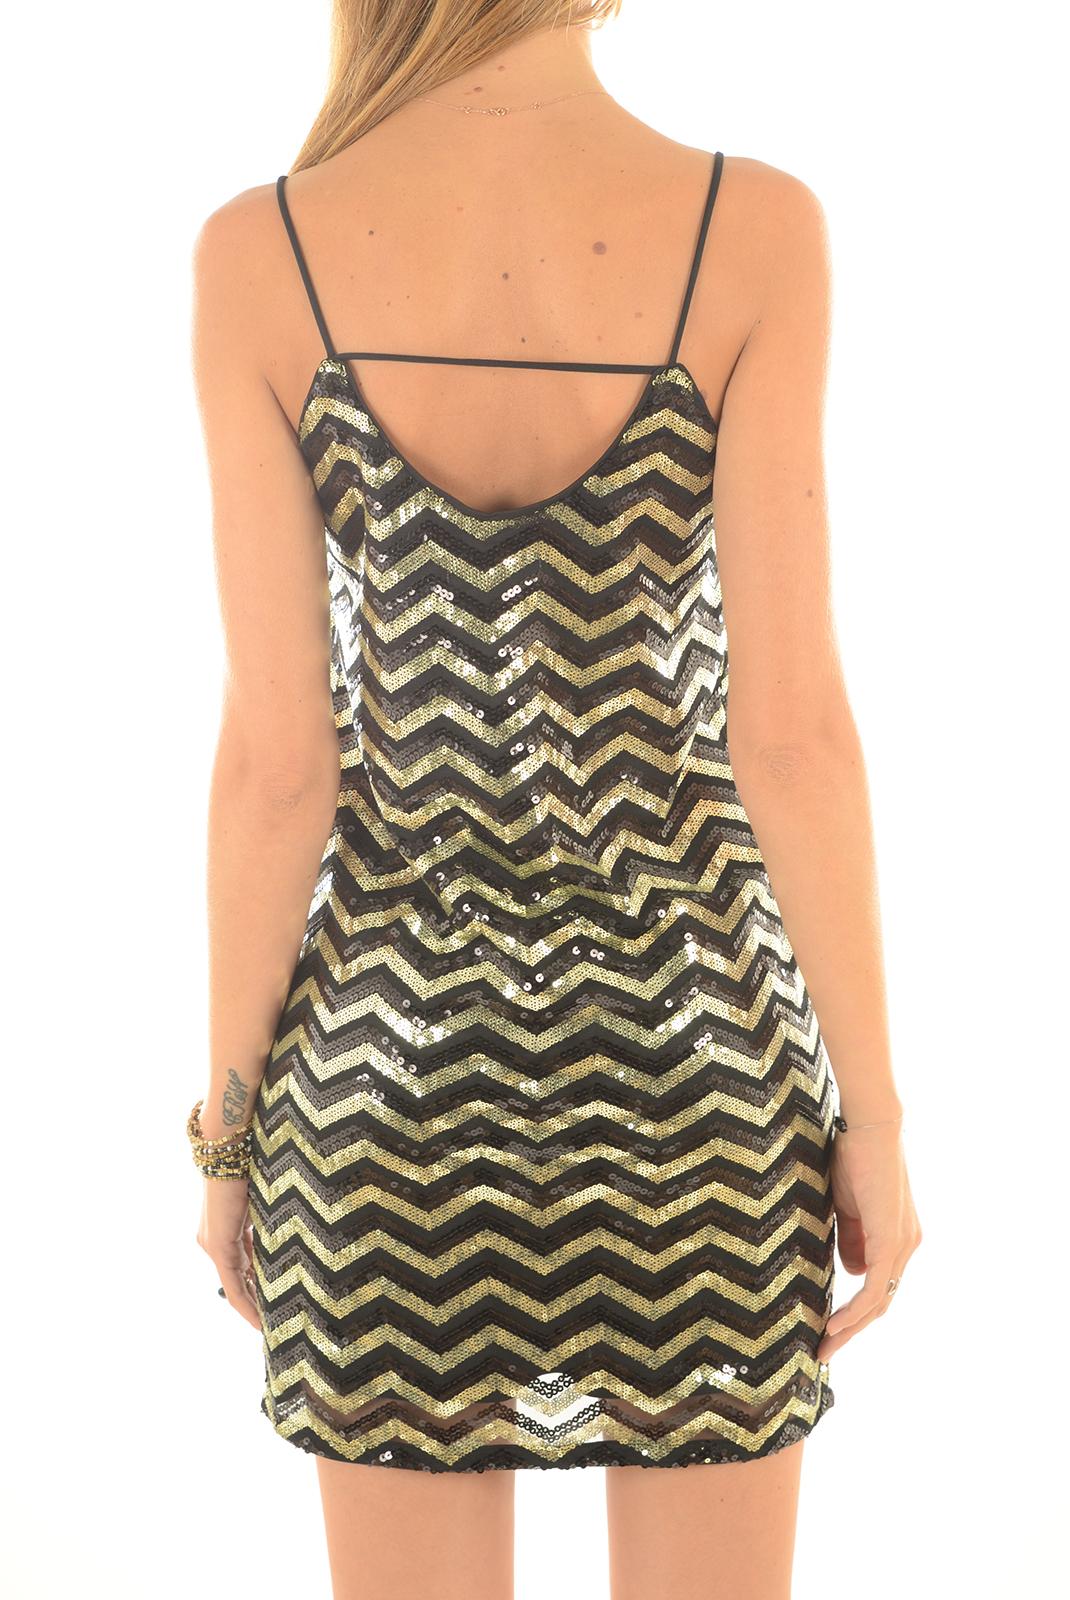 FEMME  Vero moda LINN SEQUIN SIGLET DRESS BLACK GOLD